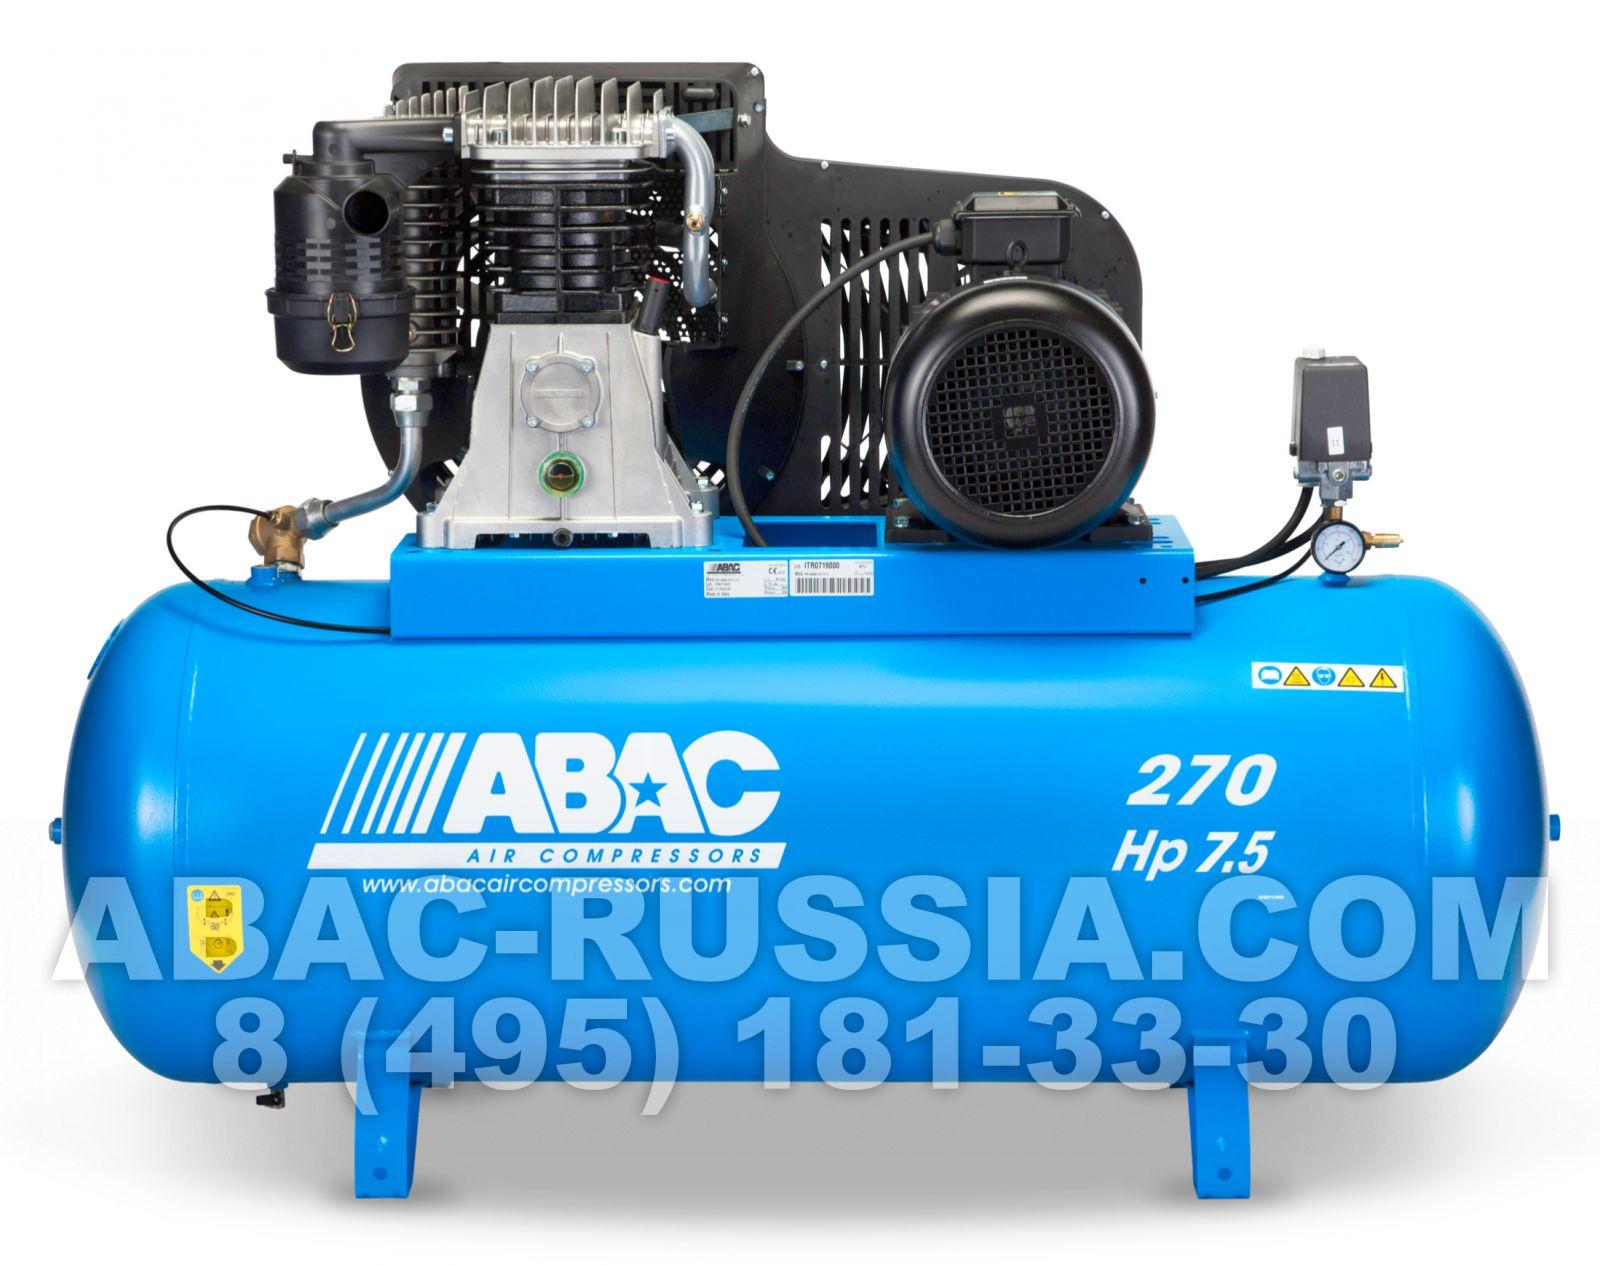 Поршневой компрессор ABAC B6000/270 CT 7,5 4116020436